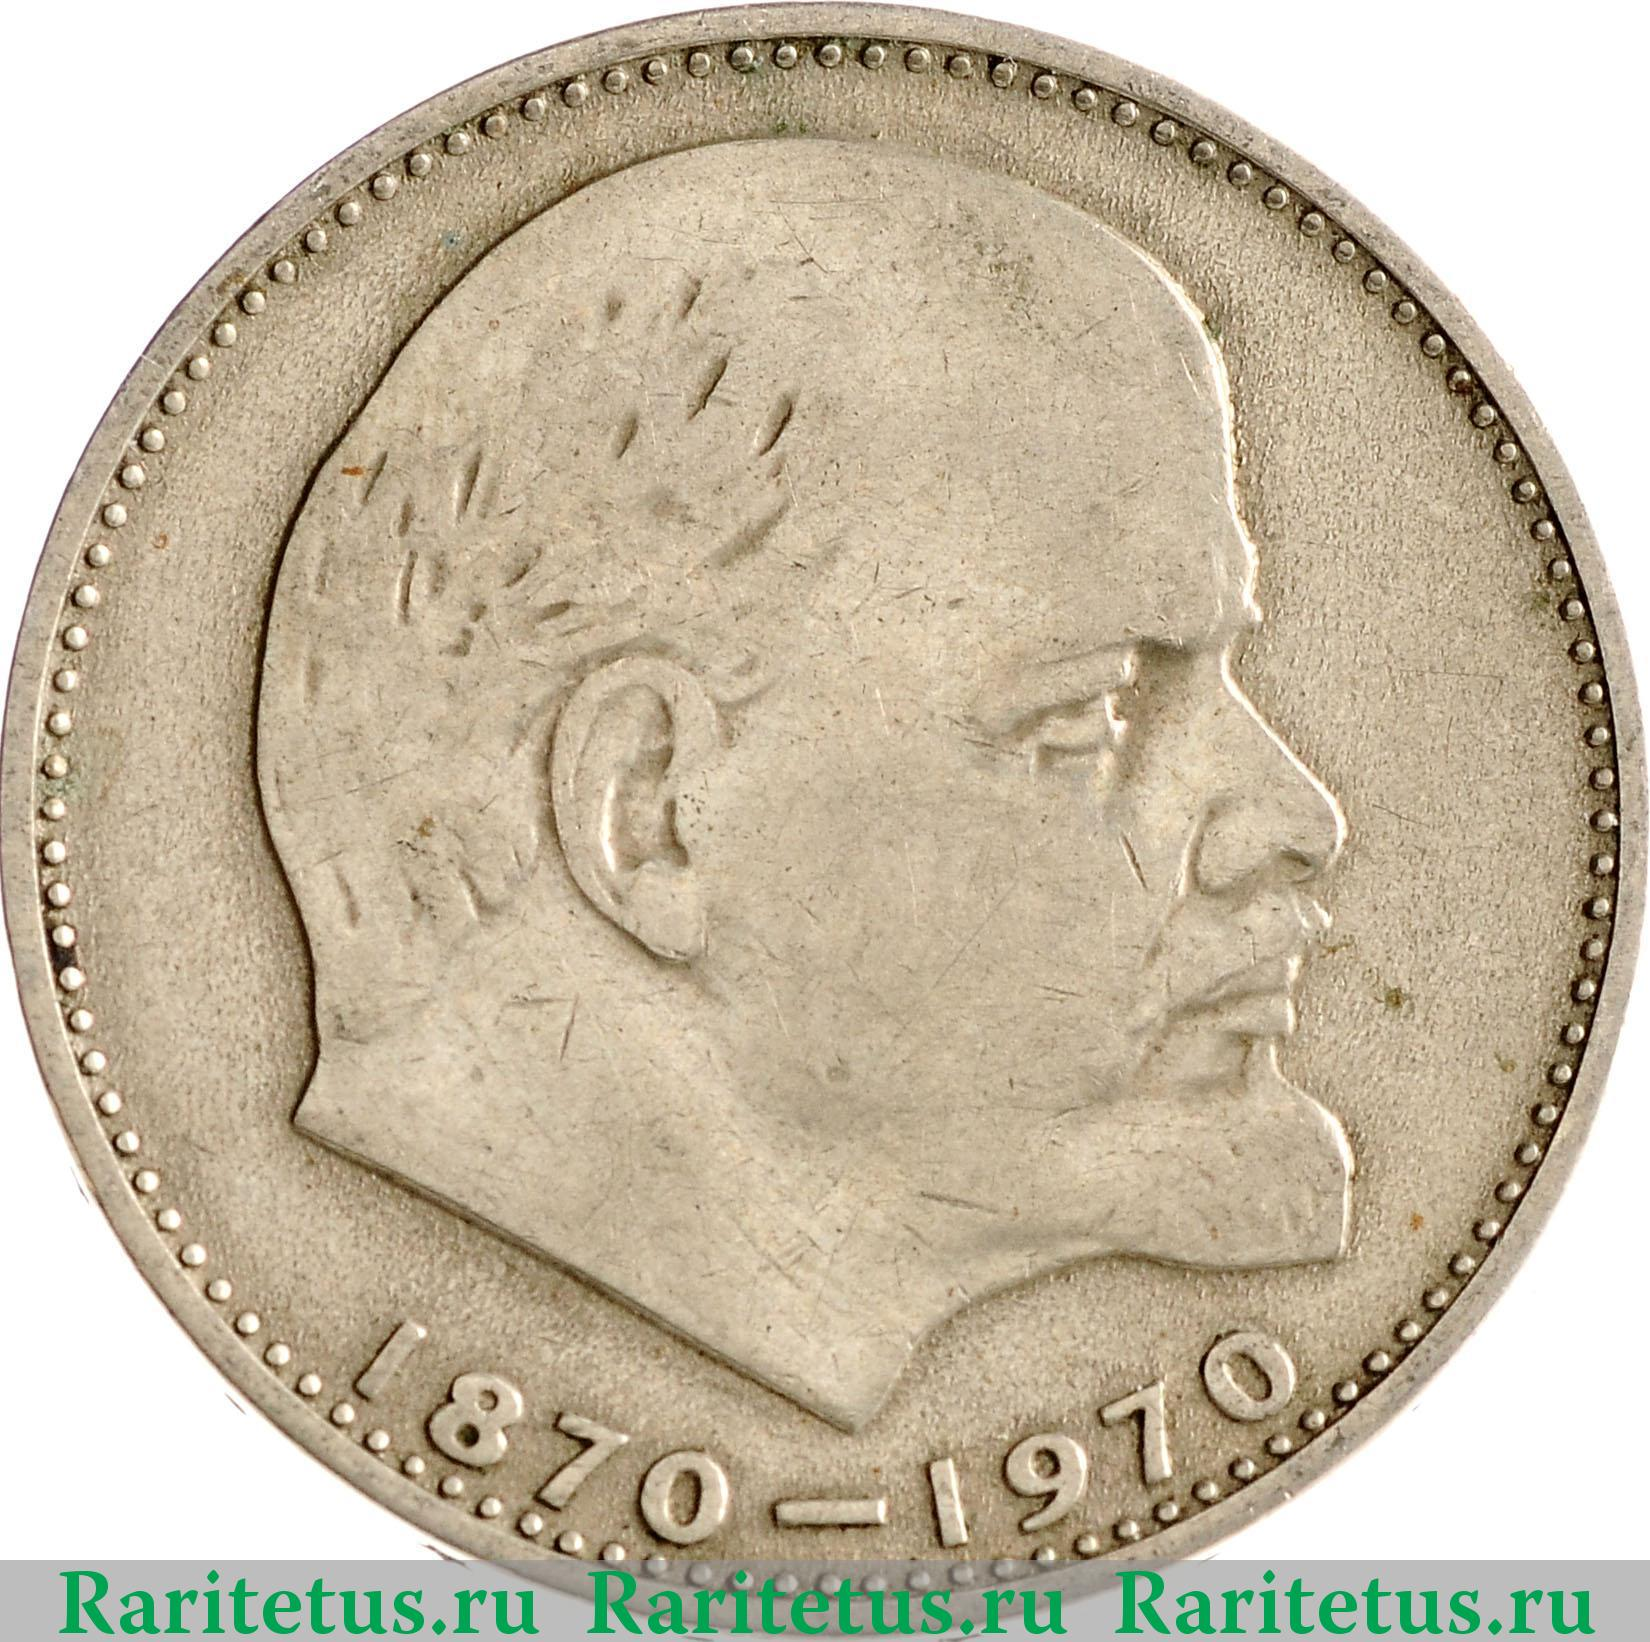 чем мне смотреть монеты рубль ленина как-то сразу